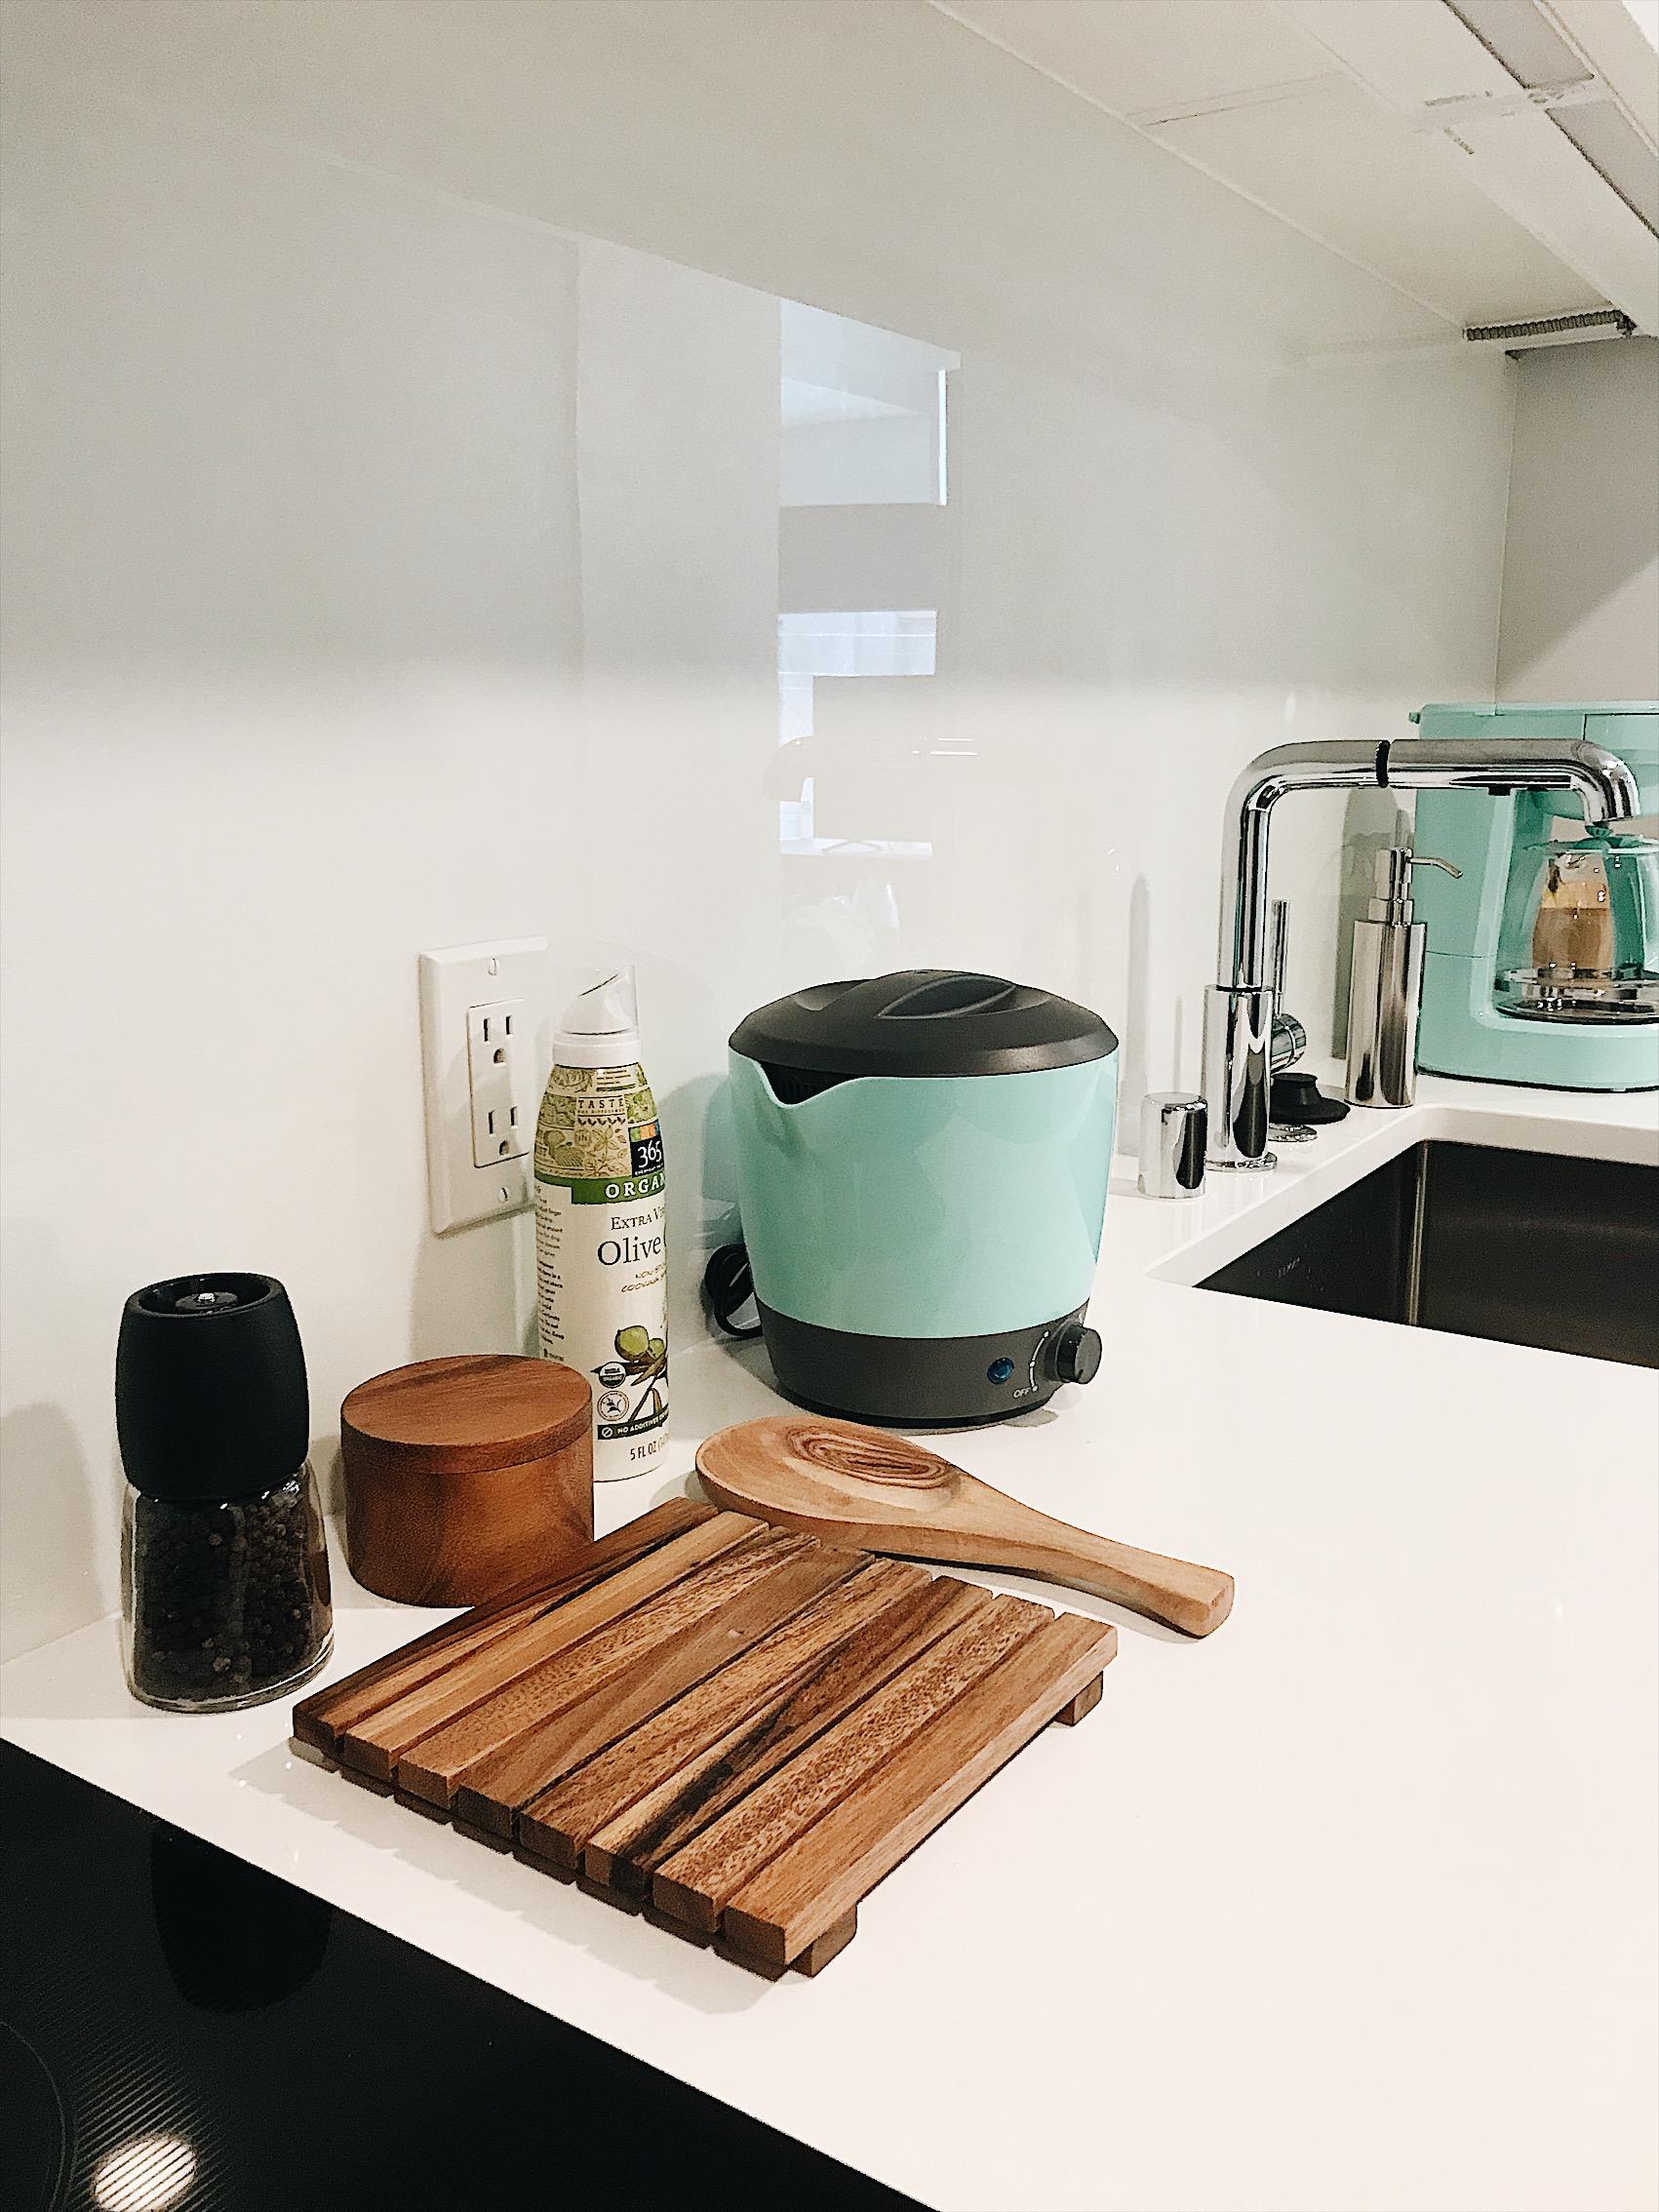 kitchen sneak peek of new apartment